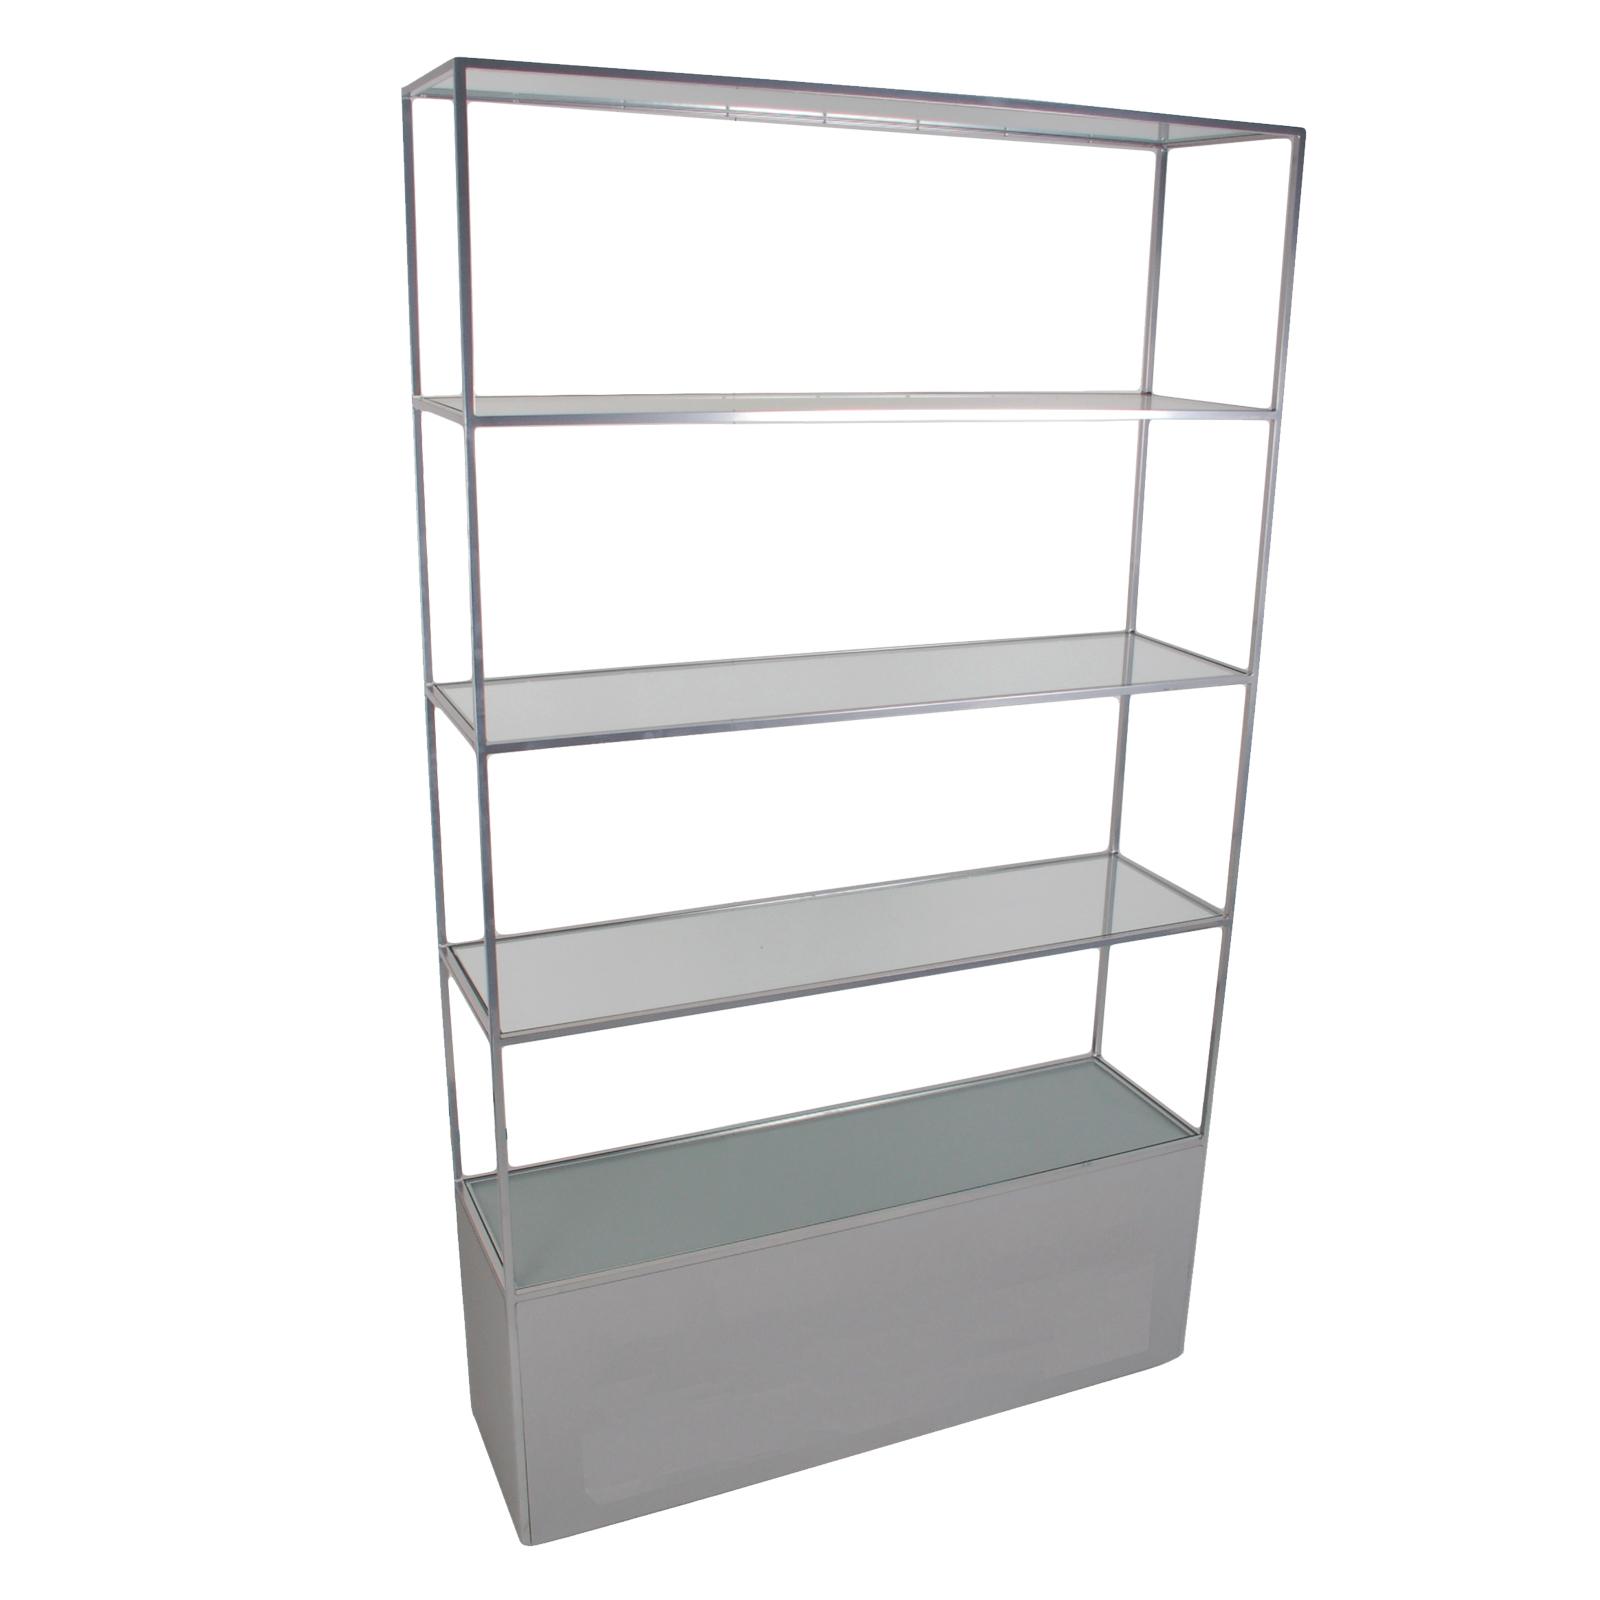 hanging bar product img usa led shelf metal shelves